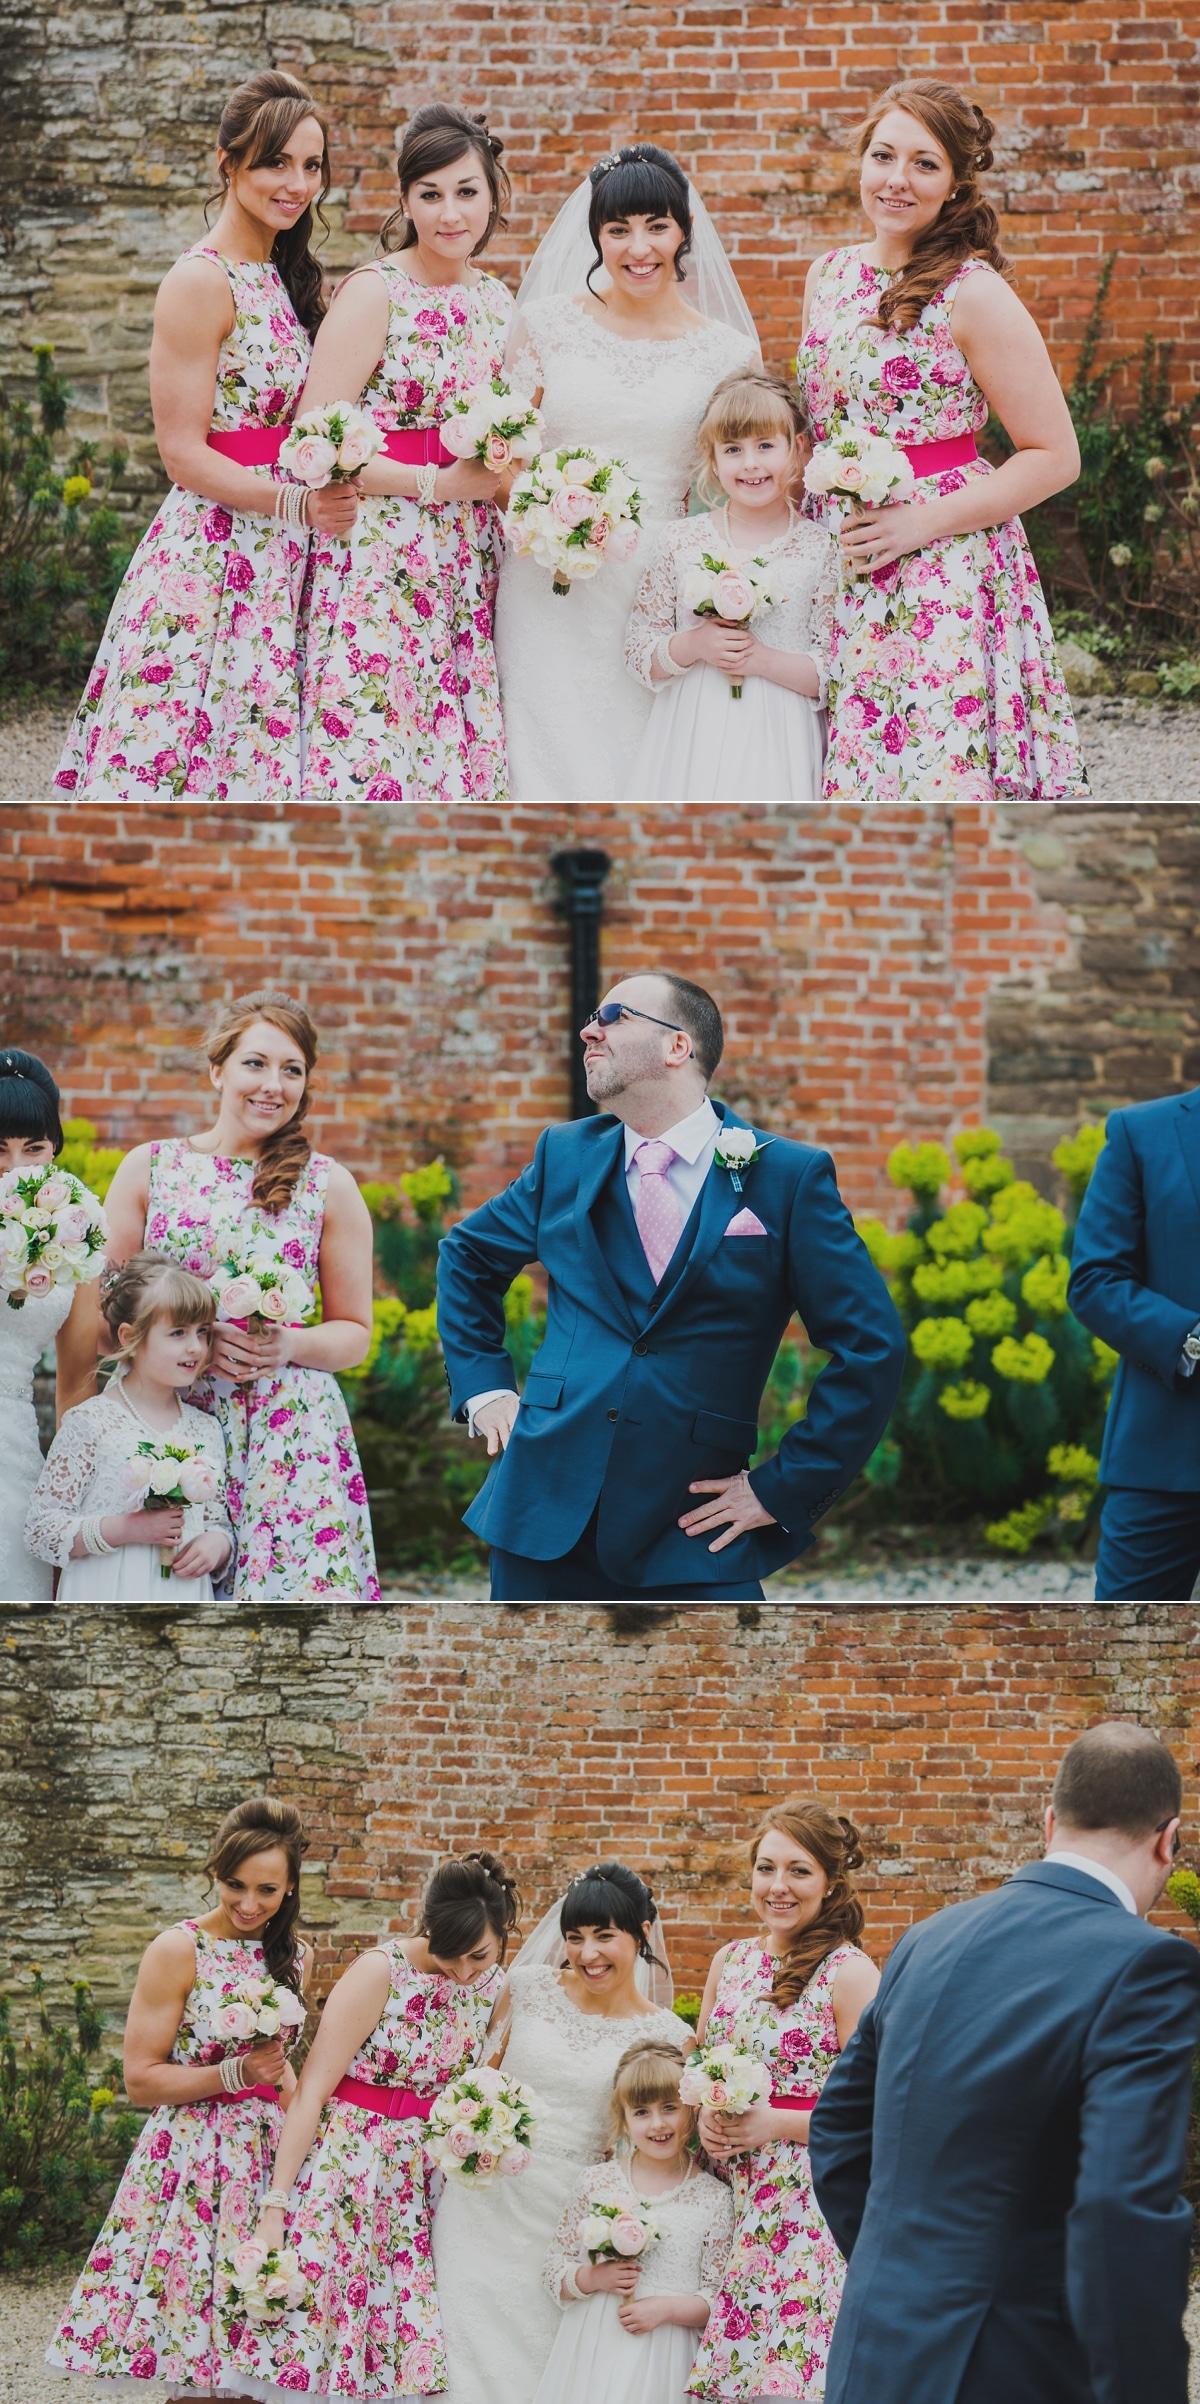 Shropshire-Wedding-Photographer_0142